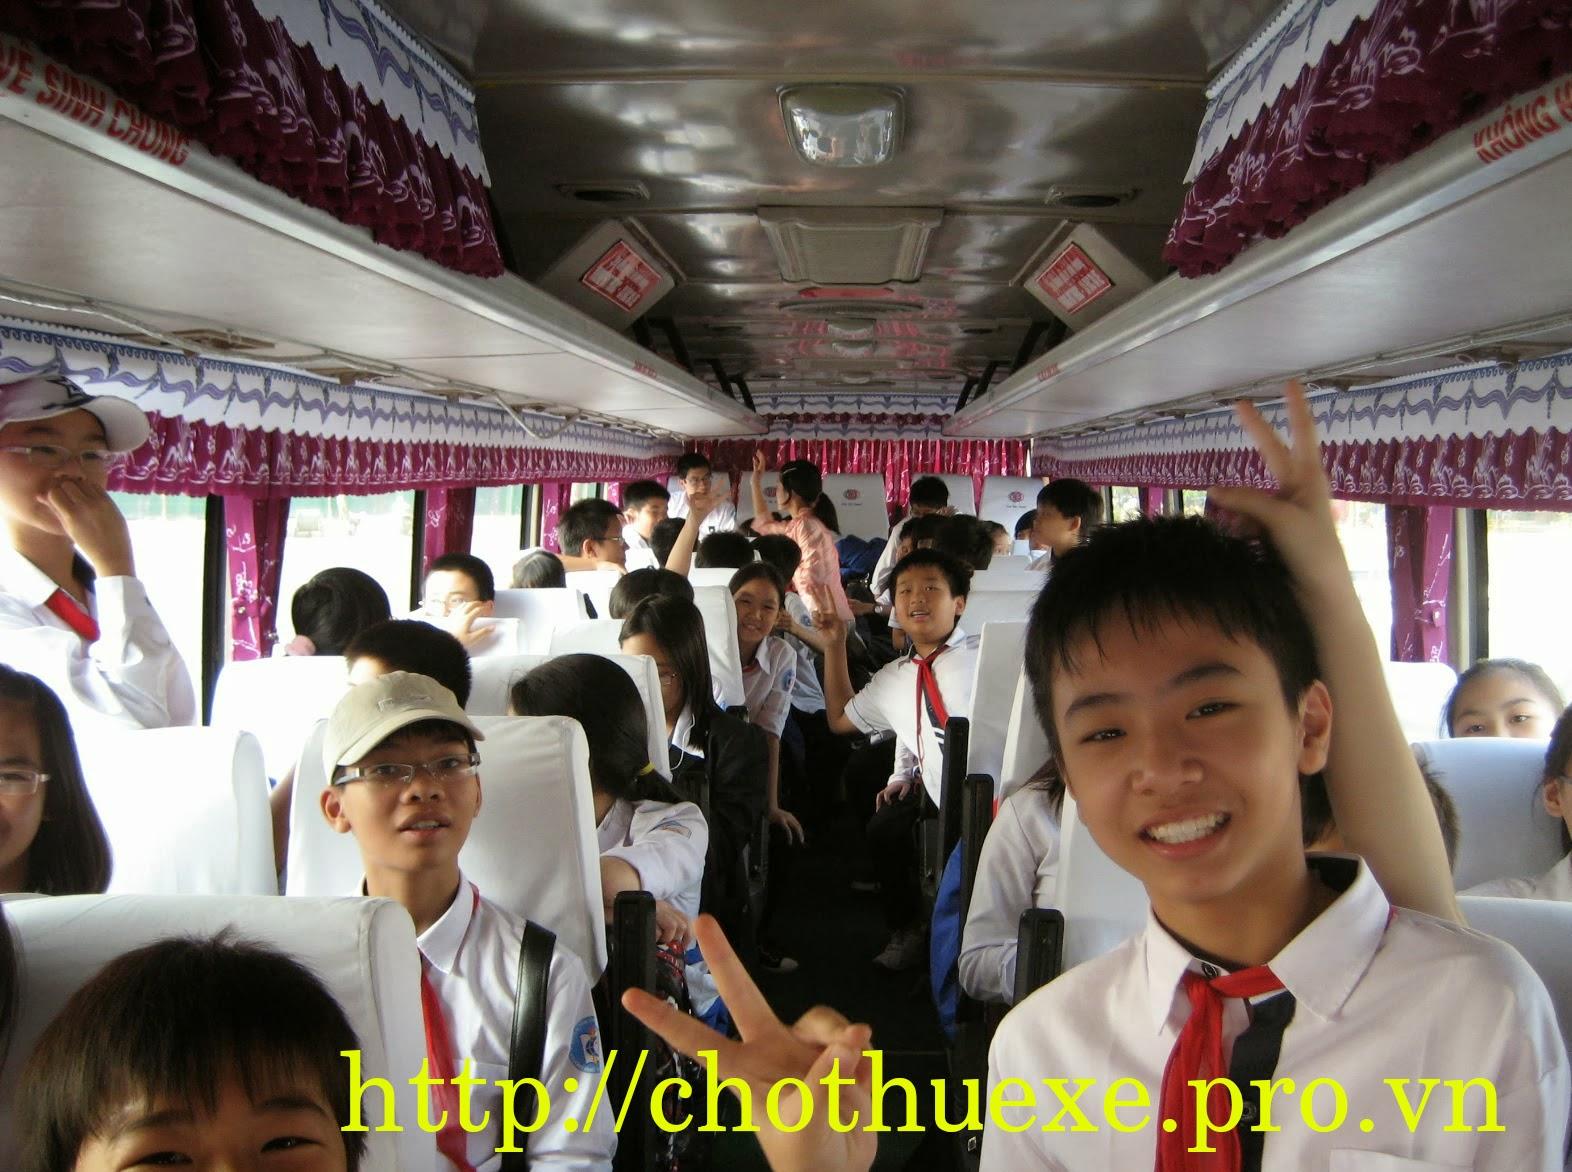 Cho thuê xe đưa đón học sinh xe từ 4 đến 45 chỗ